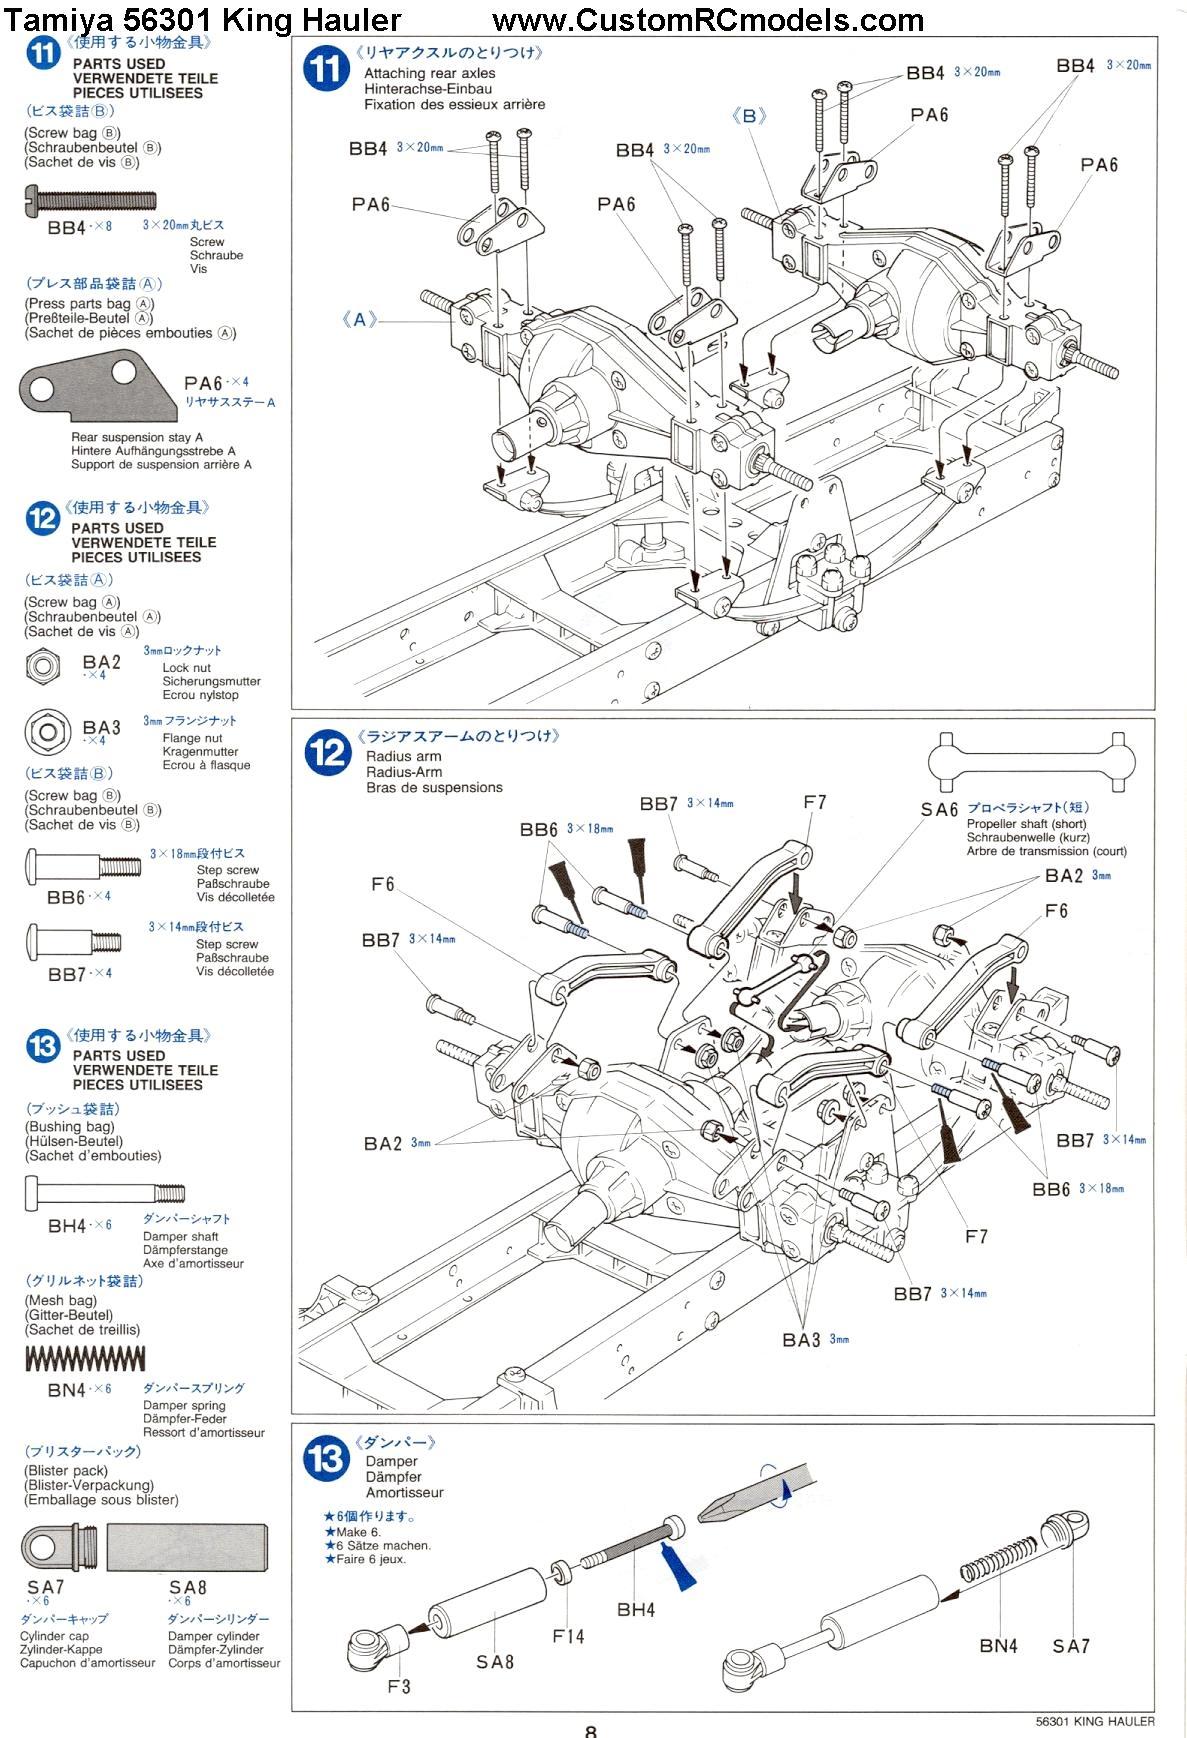 Jual transmitter rc car, tamiya king hauler manual